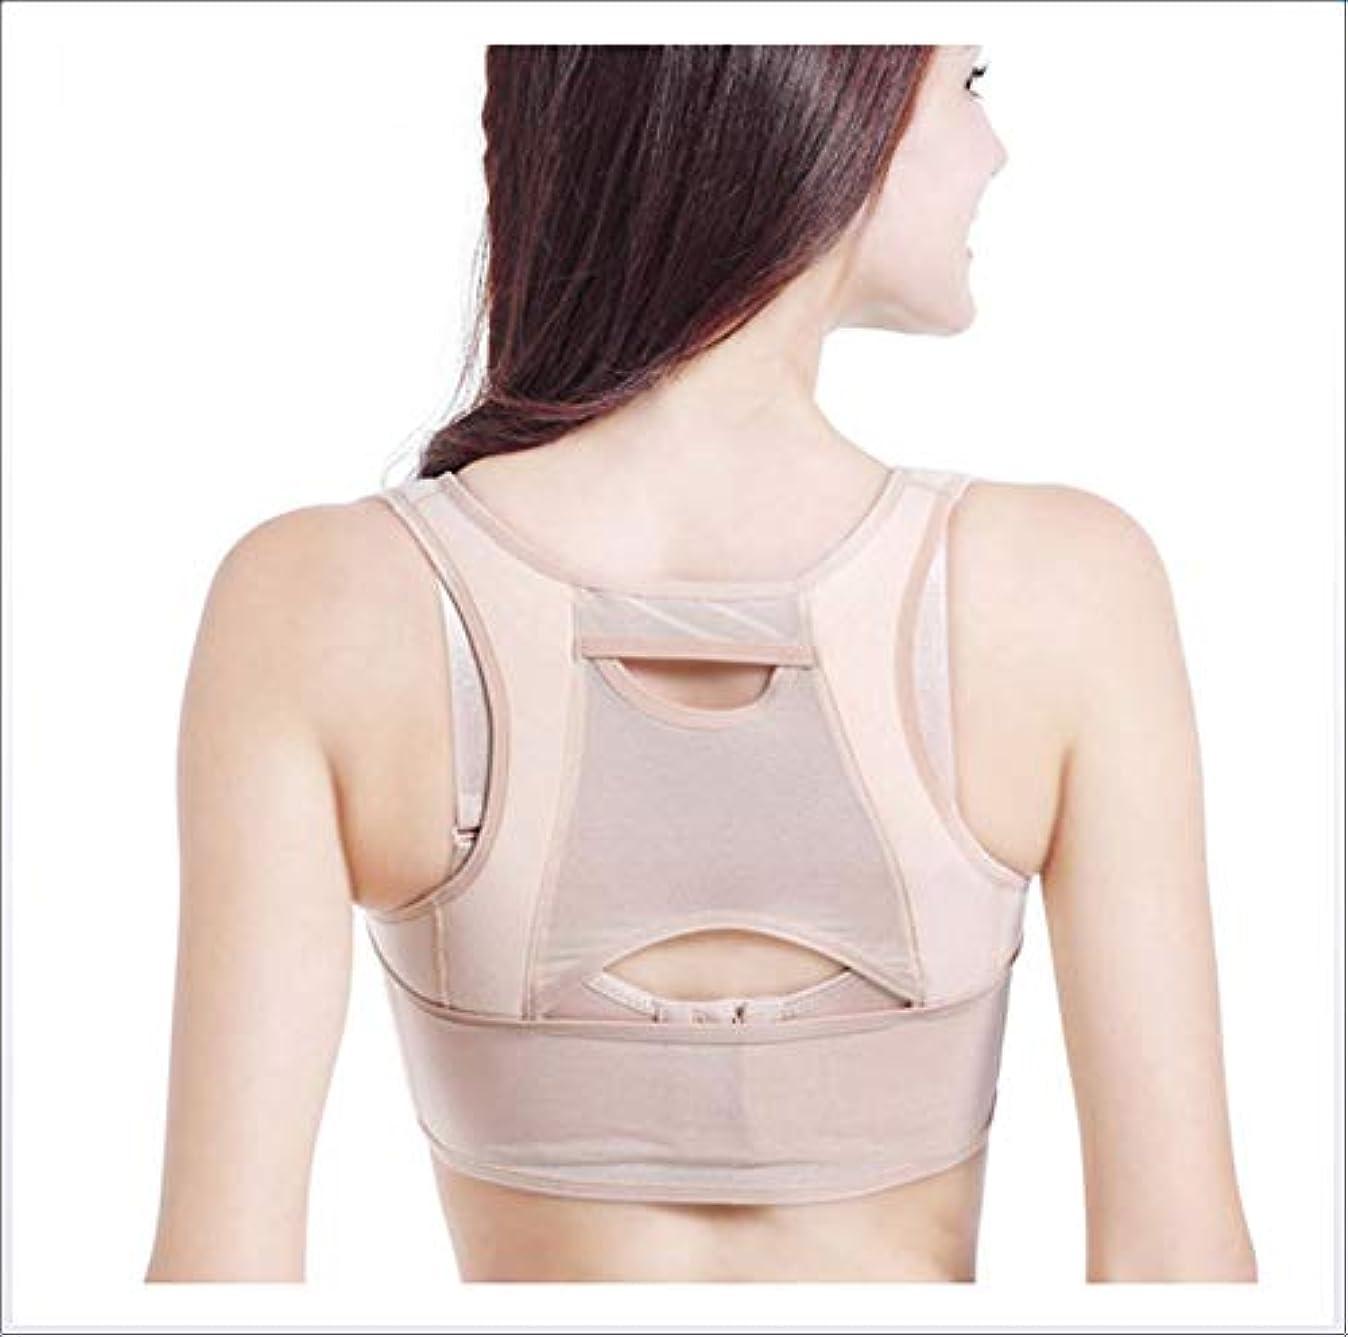 ケーブル息切れ離す女性のための姿勢補正ハンチバック救済ザトウクジラ補正ブレース胸ブラサポート,S